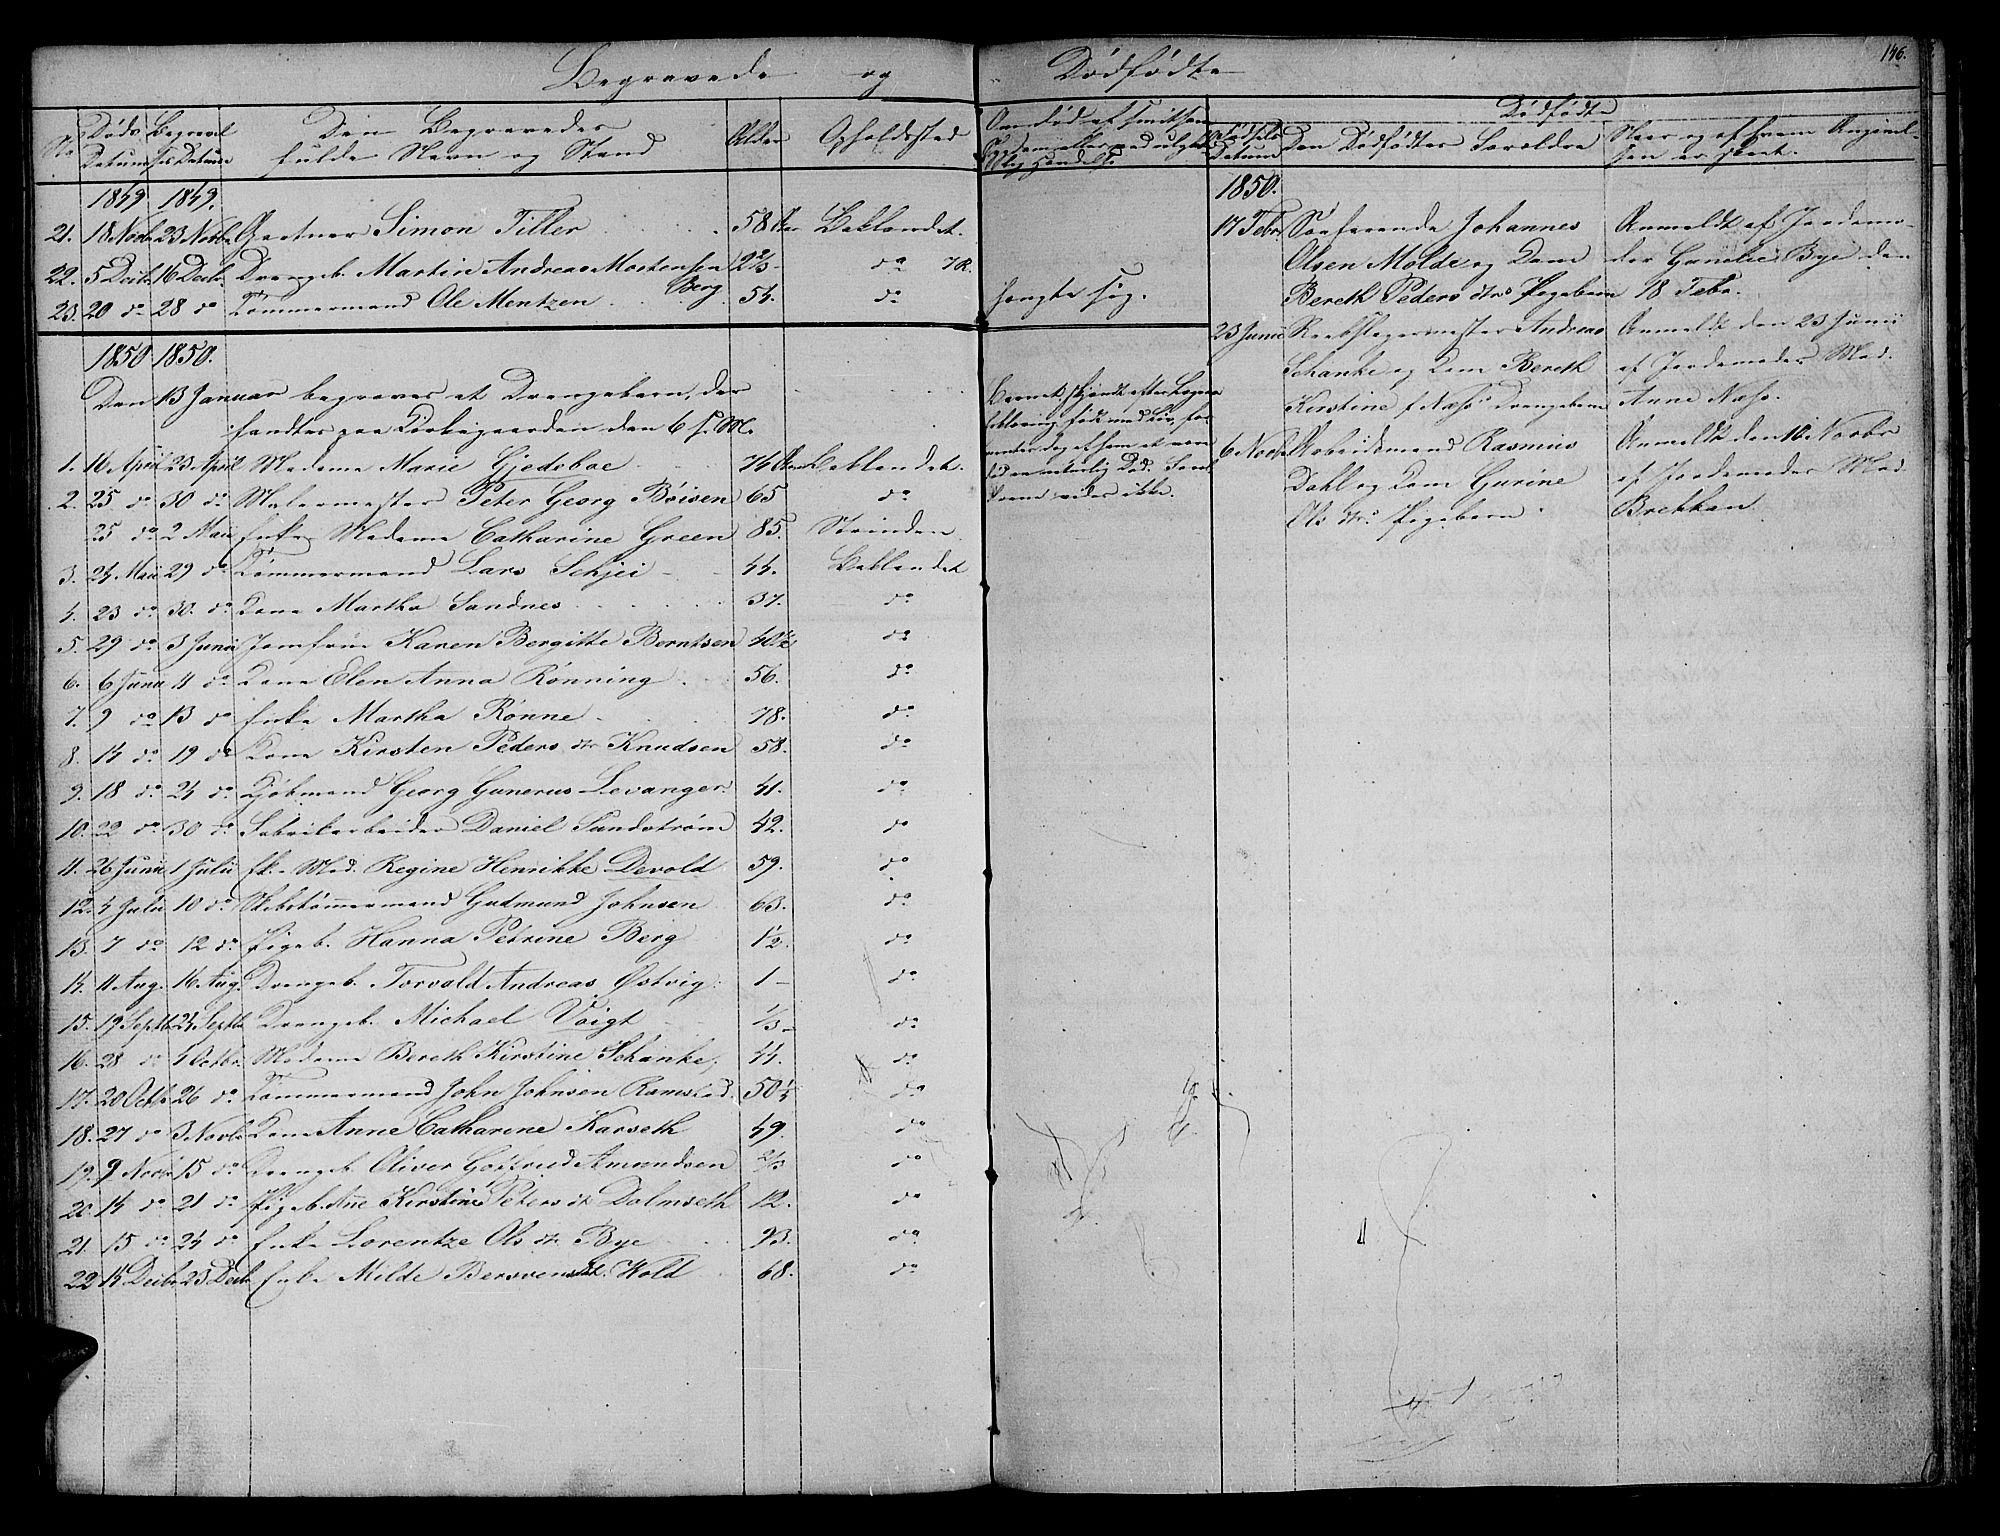 SAT, Ministerialprotokoller, klokkerbøker og fødselsregistre - Sør-Trøndelag, 604/L0182: Ministerialbok nr. 604A03, 1818-1850, s. 146